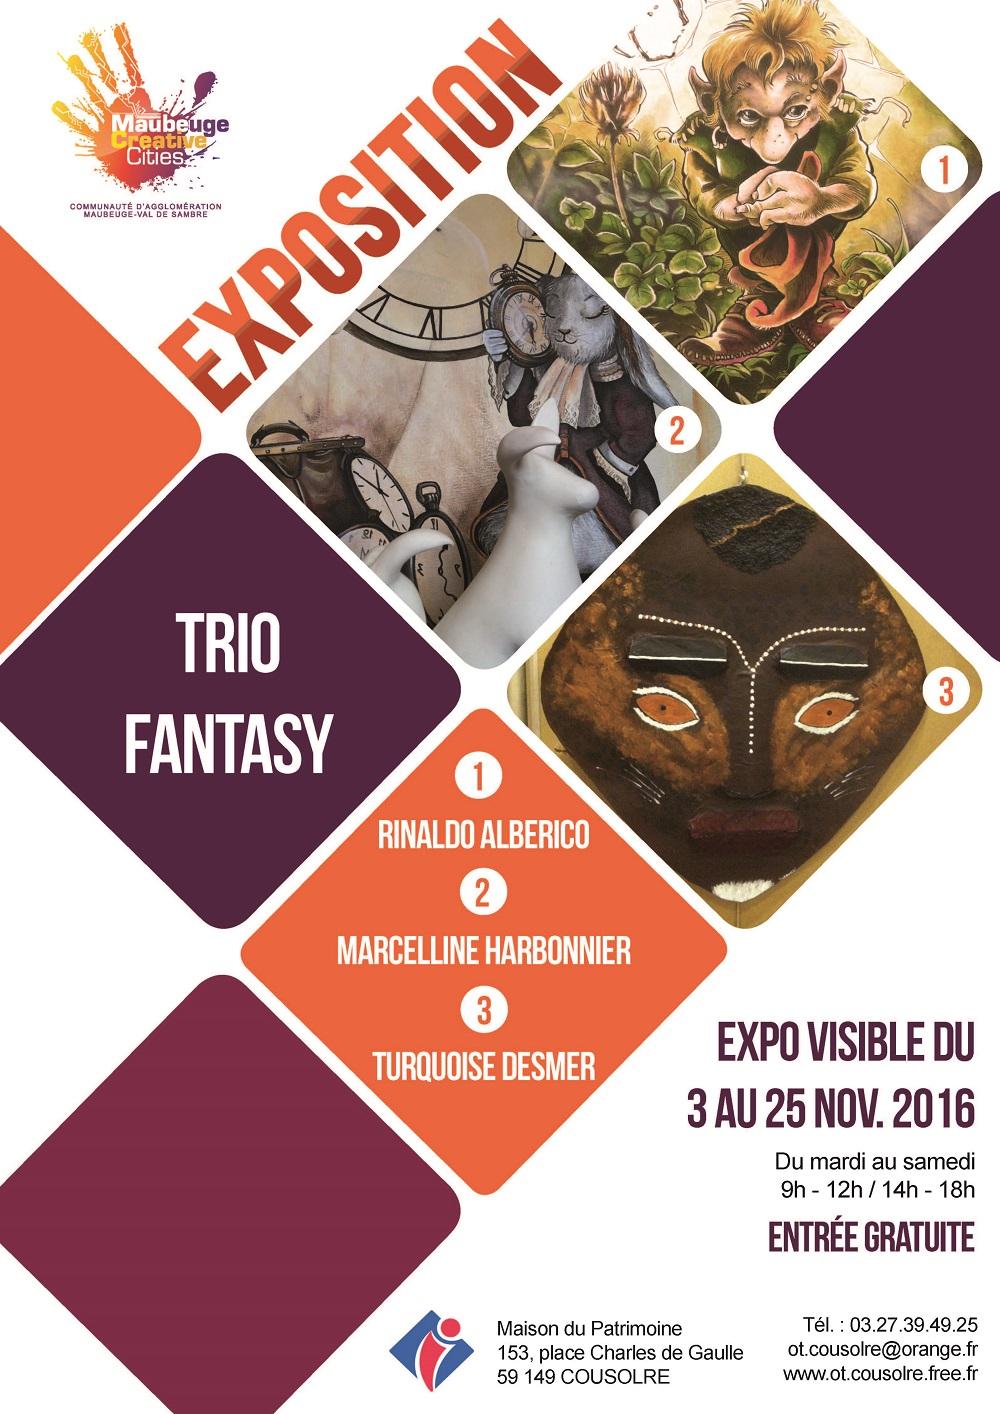 Les expositions la maison du patrimoine for Expos paris novembre 2016